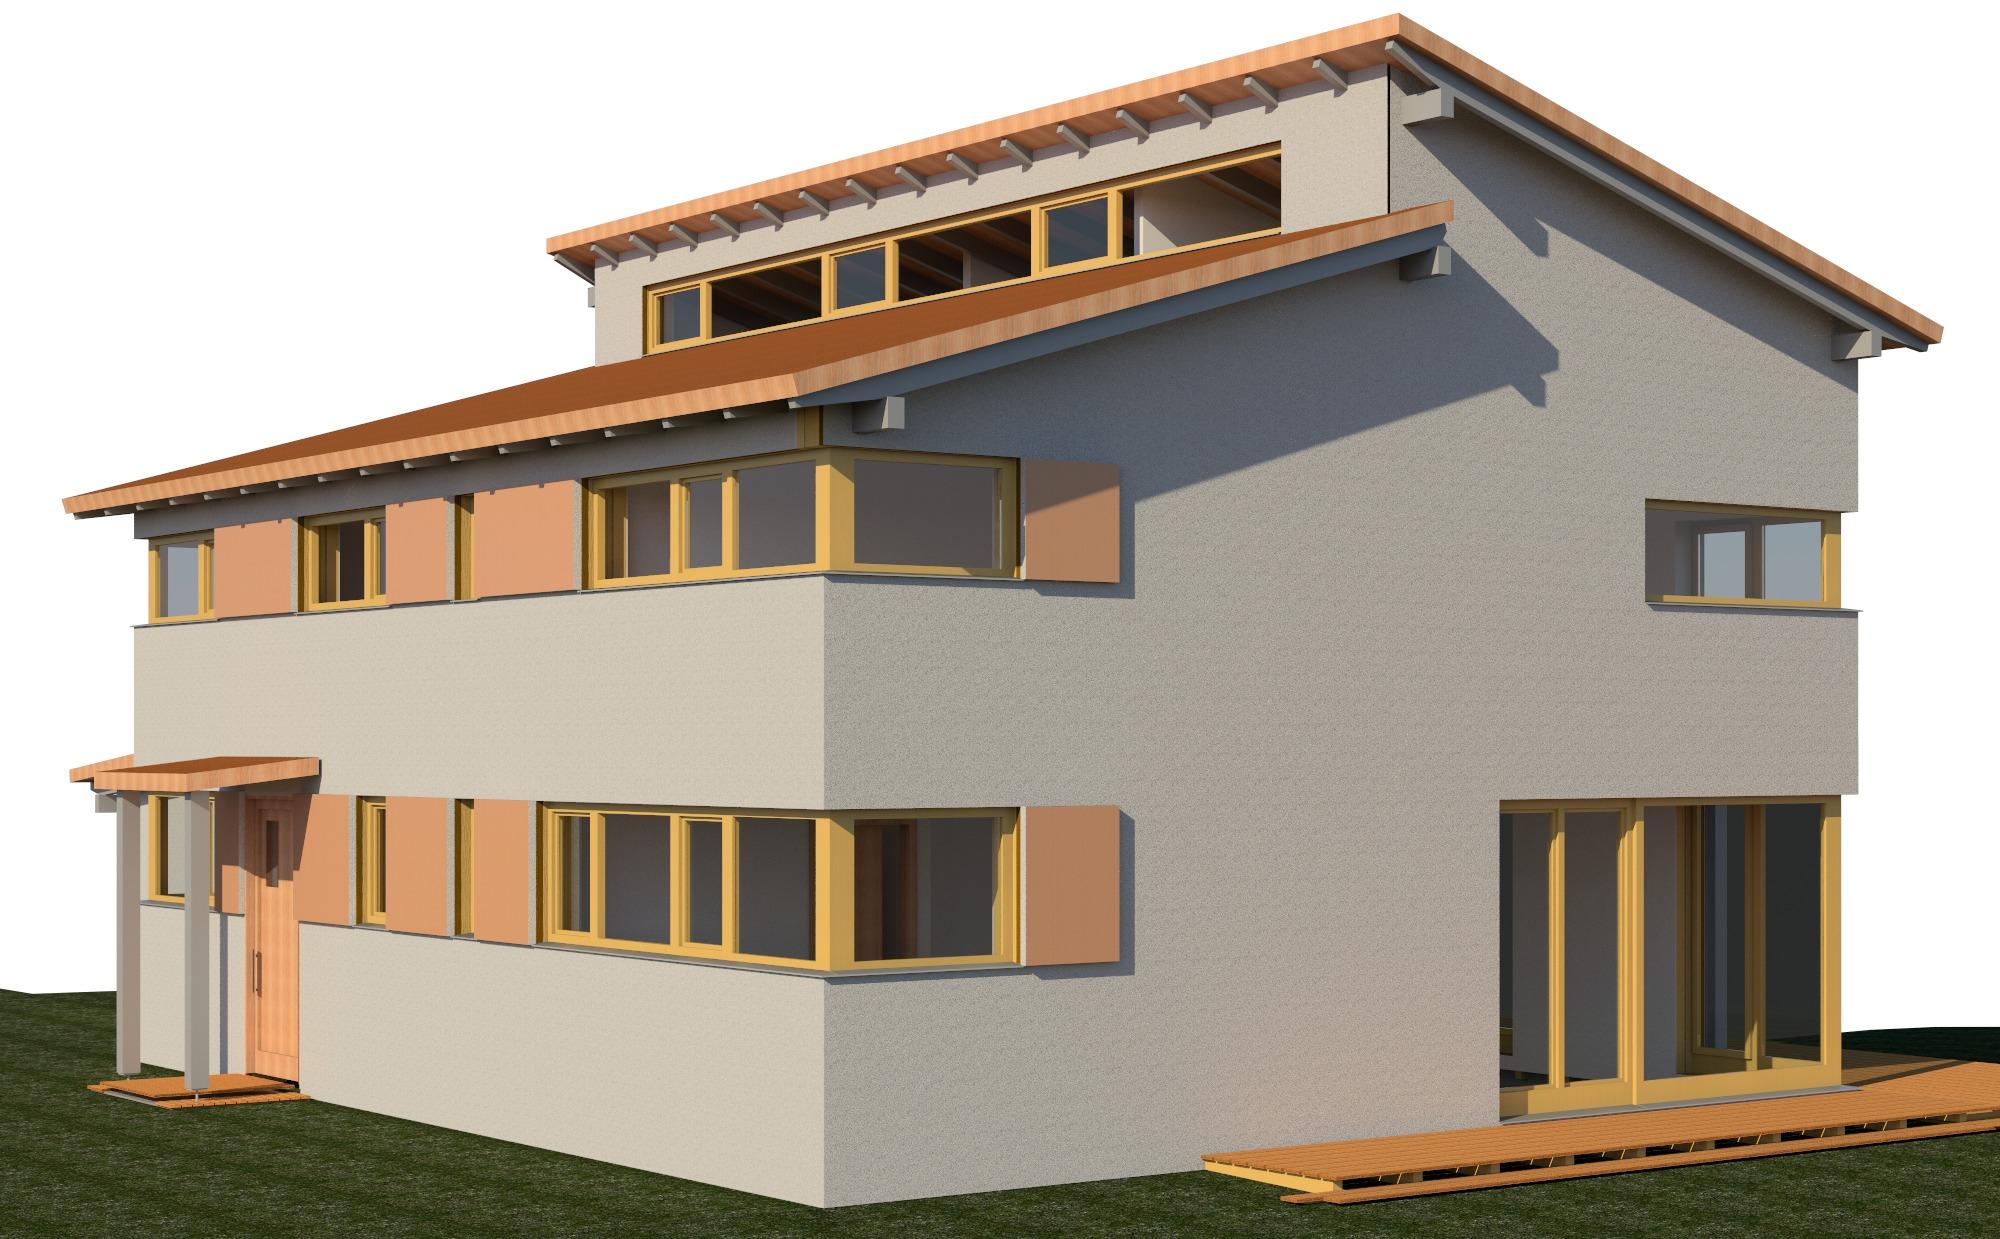 Raas-rendering20150312-26058-5fjg3i